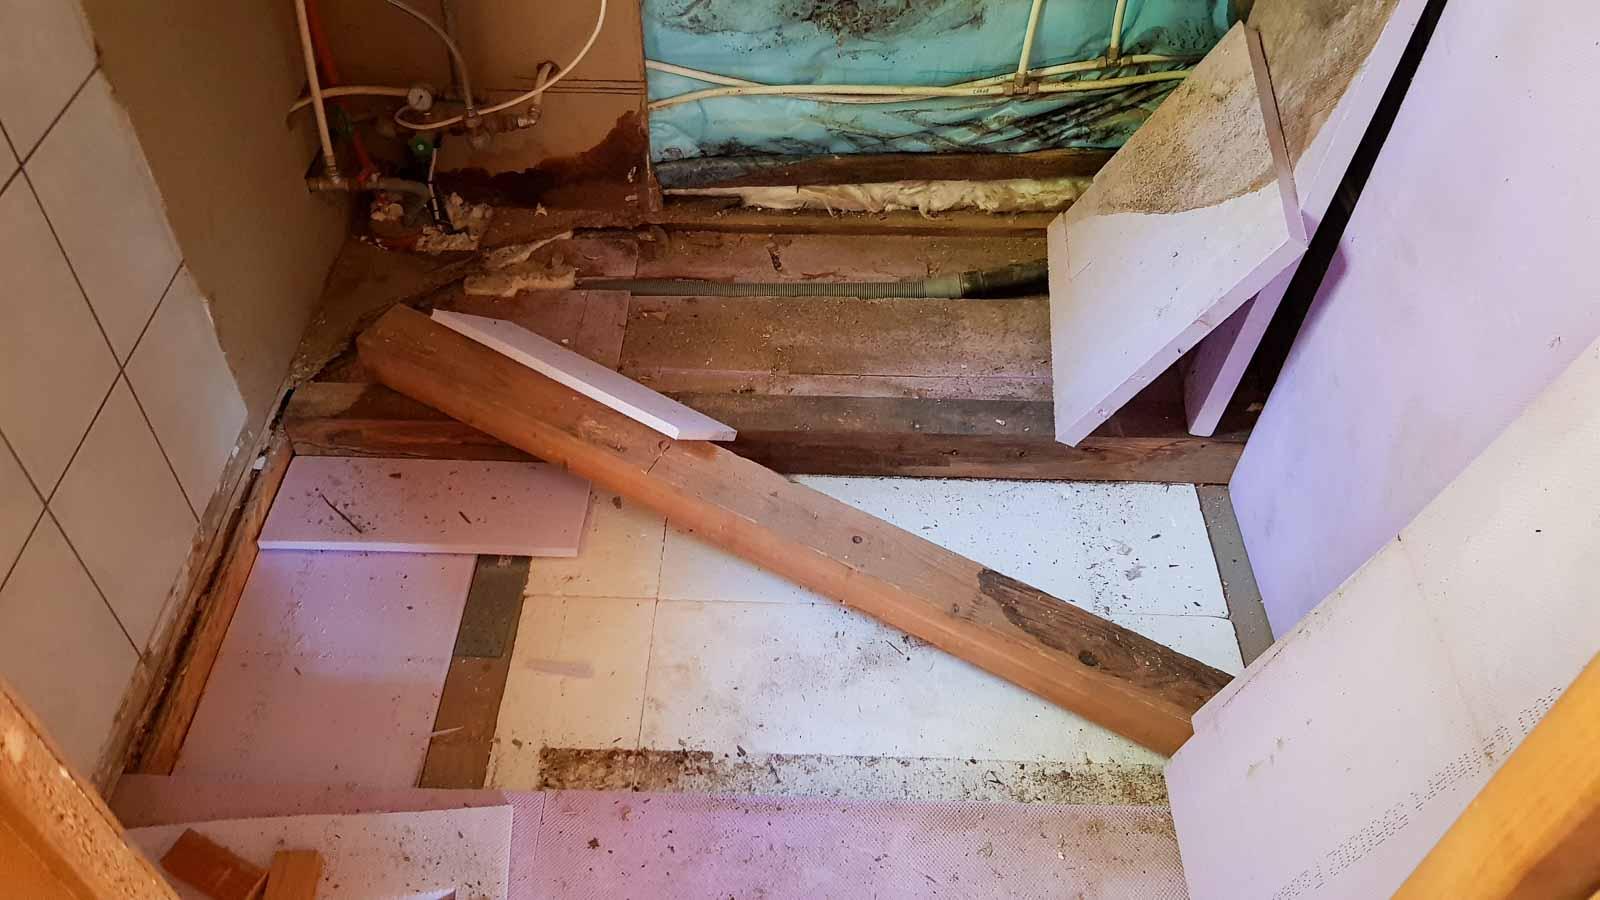 Wooddesign_Holzdesign_Innenausbau Ferienhaus_Altholz_Ferienwohnung_Ferienchalet_Schwarzsee_ Umbau (7)